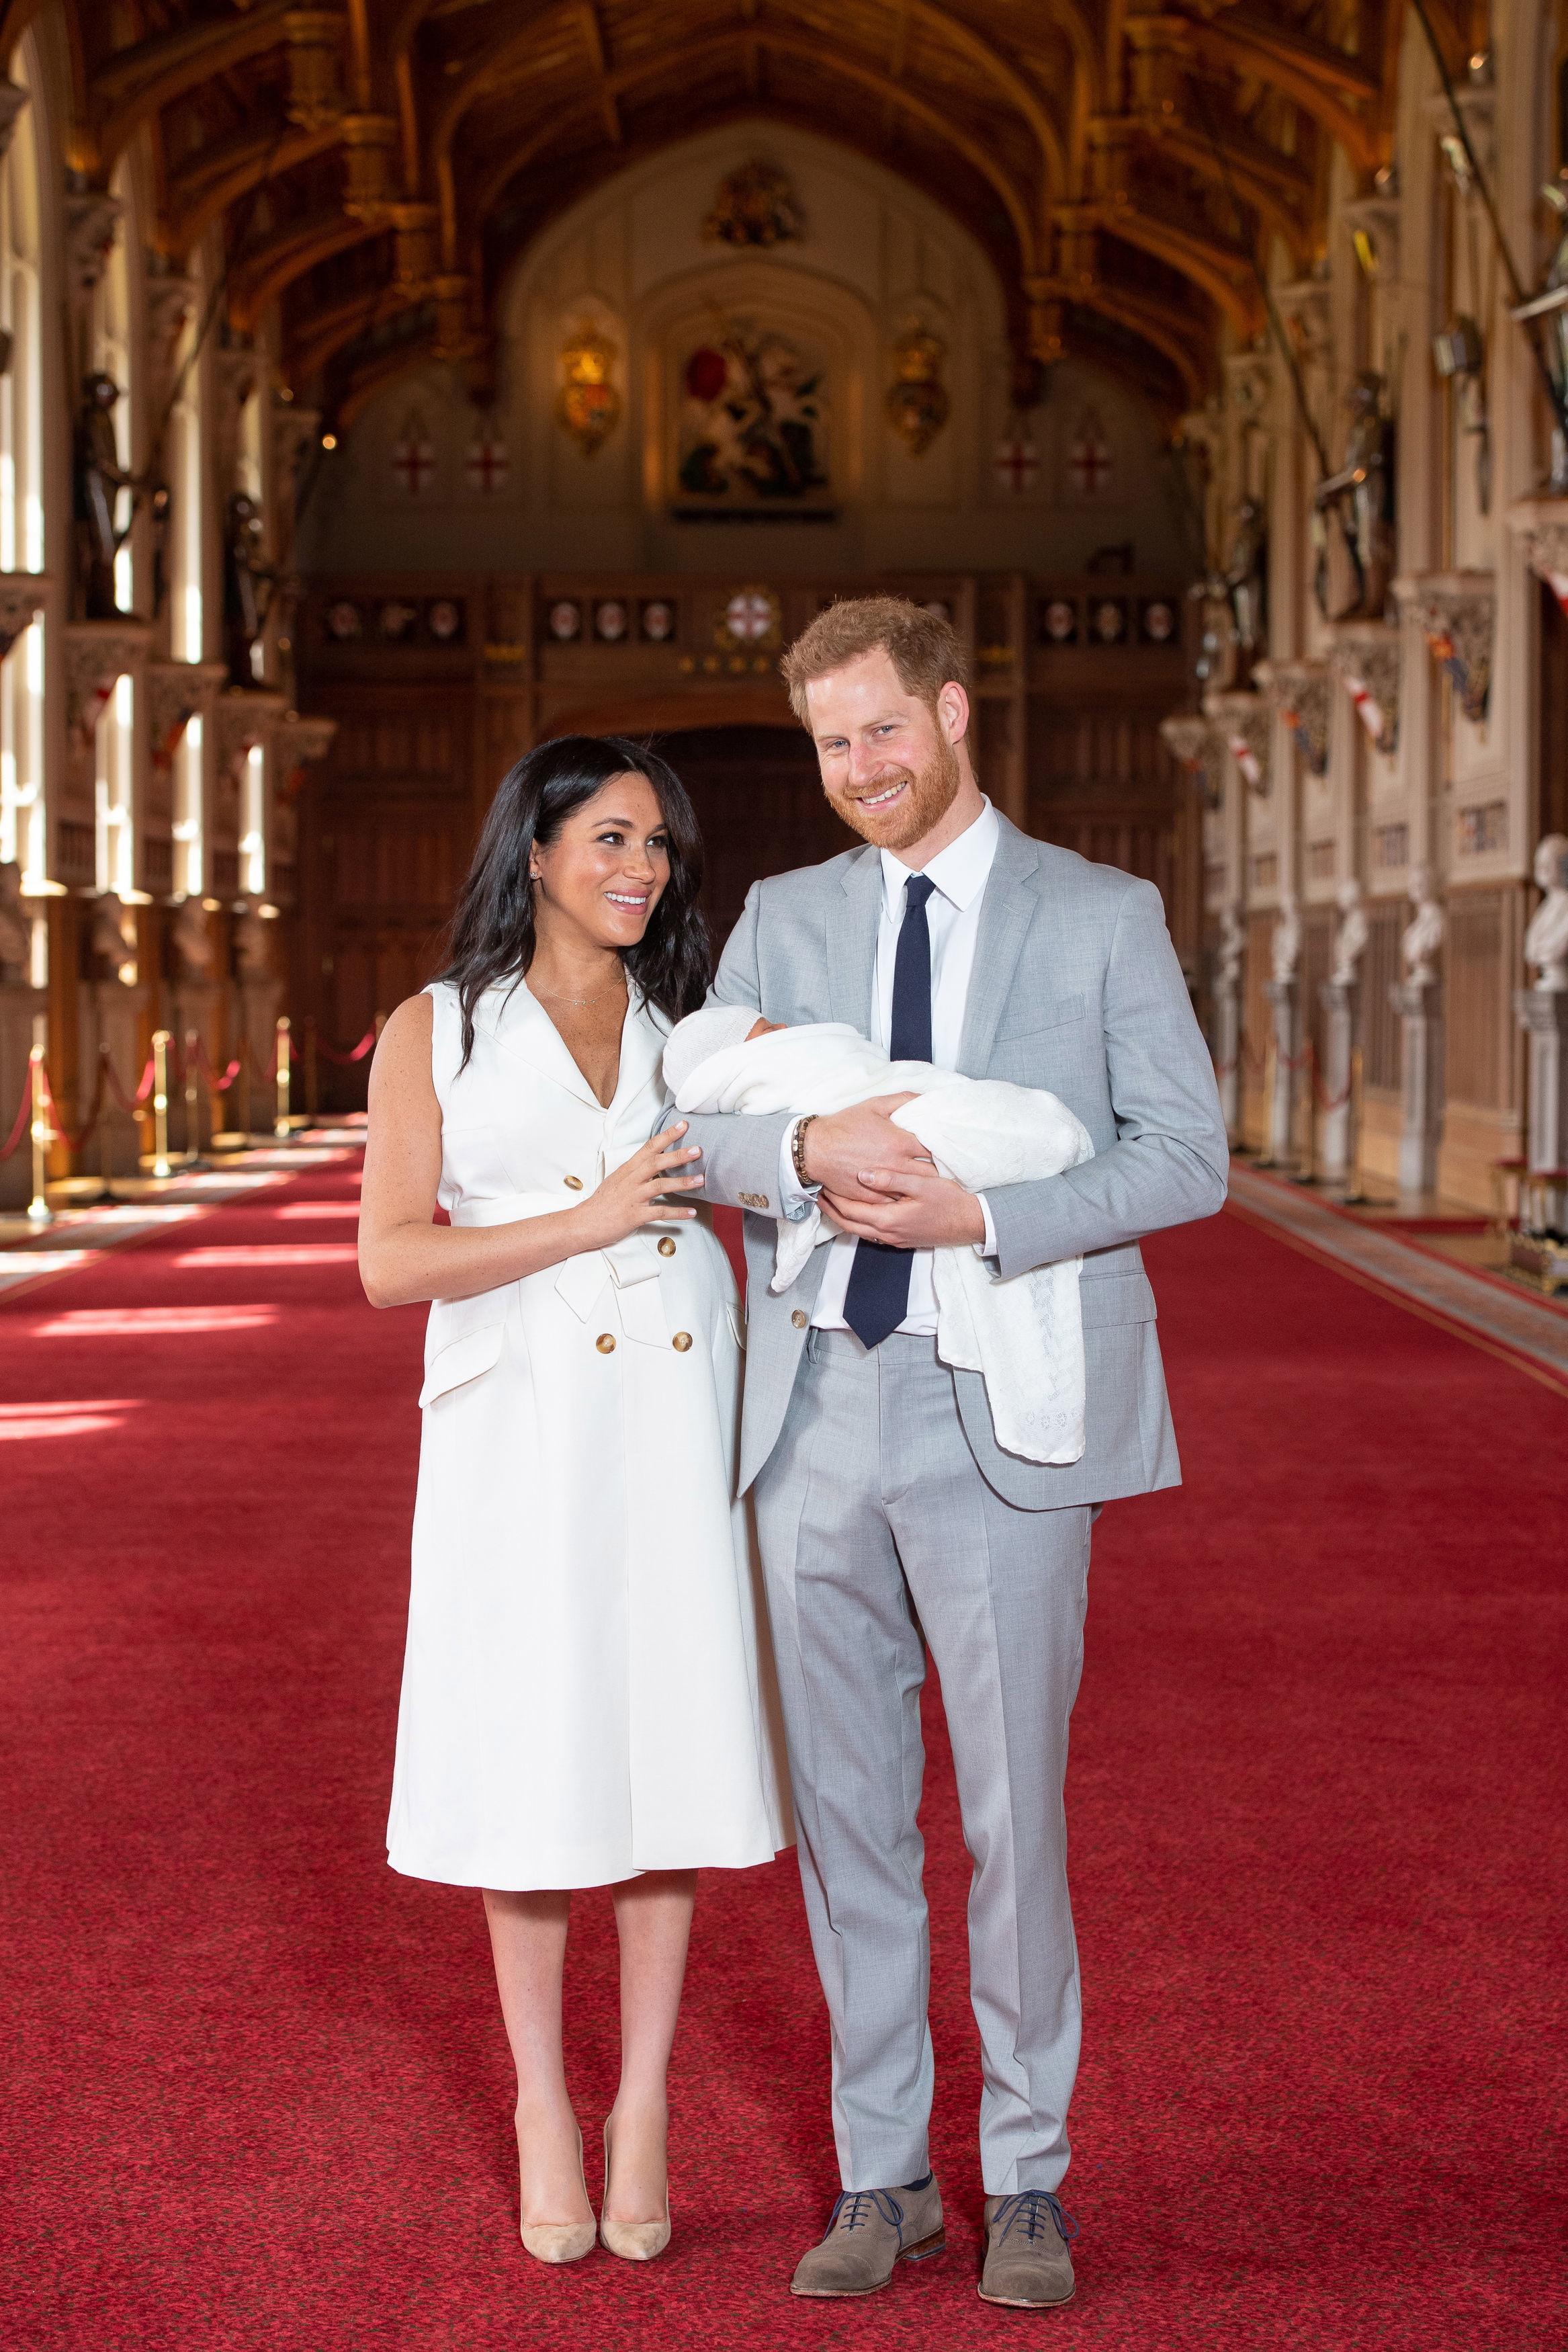 """""""Минаха само два дни и половина, но ние сме толкова развълнувани да имаме нашето малко вързопче радост"""", каза още той.<br /> На въпроса, на кого прилича бебето повече, Хари отговори """"всички казват, че бебетата се променят много в първите две седмици."""""""